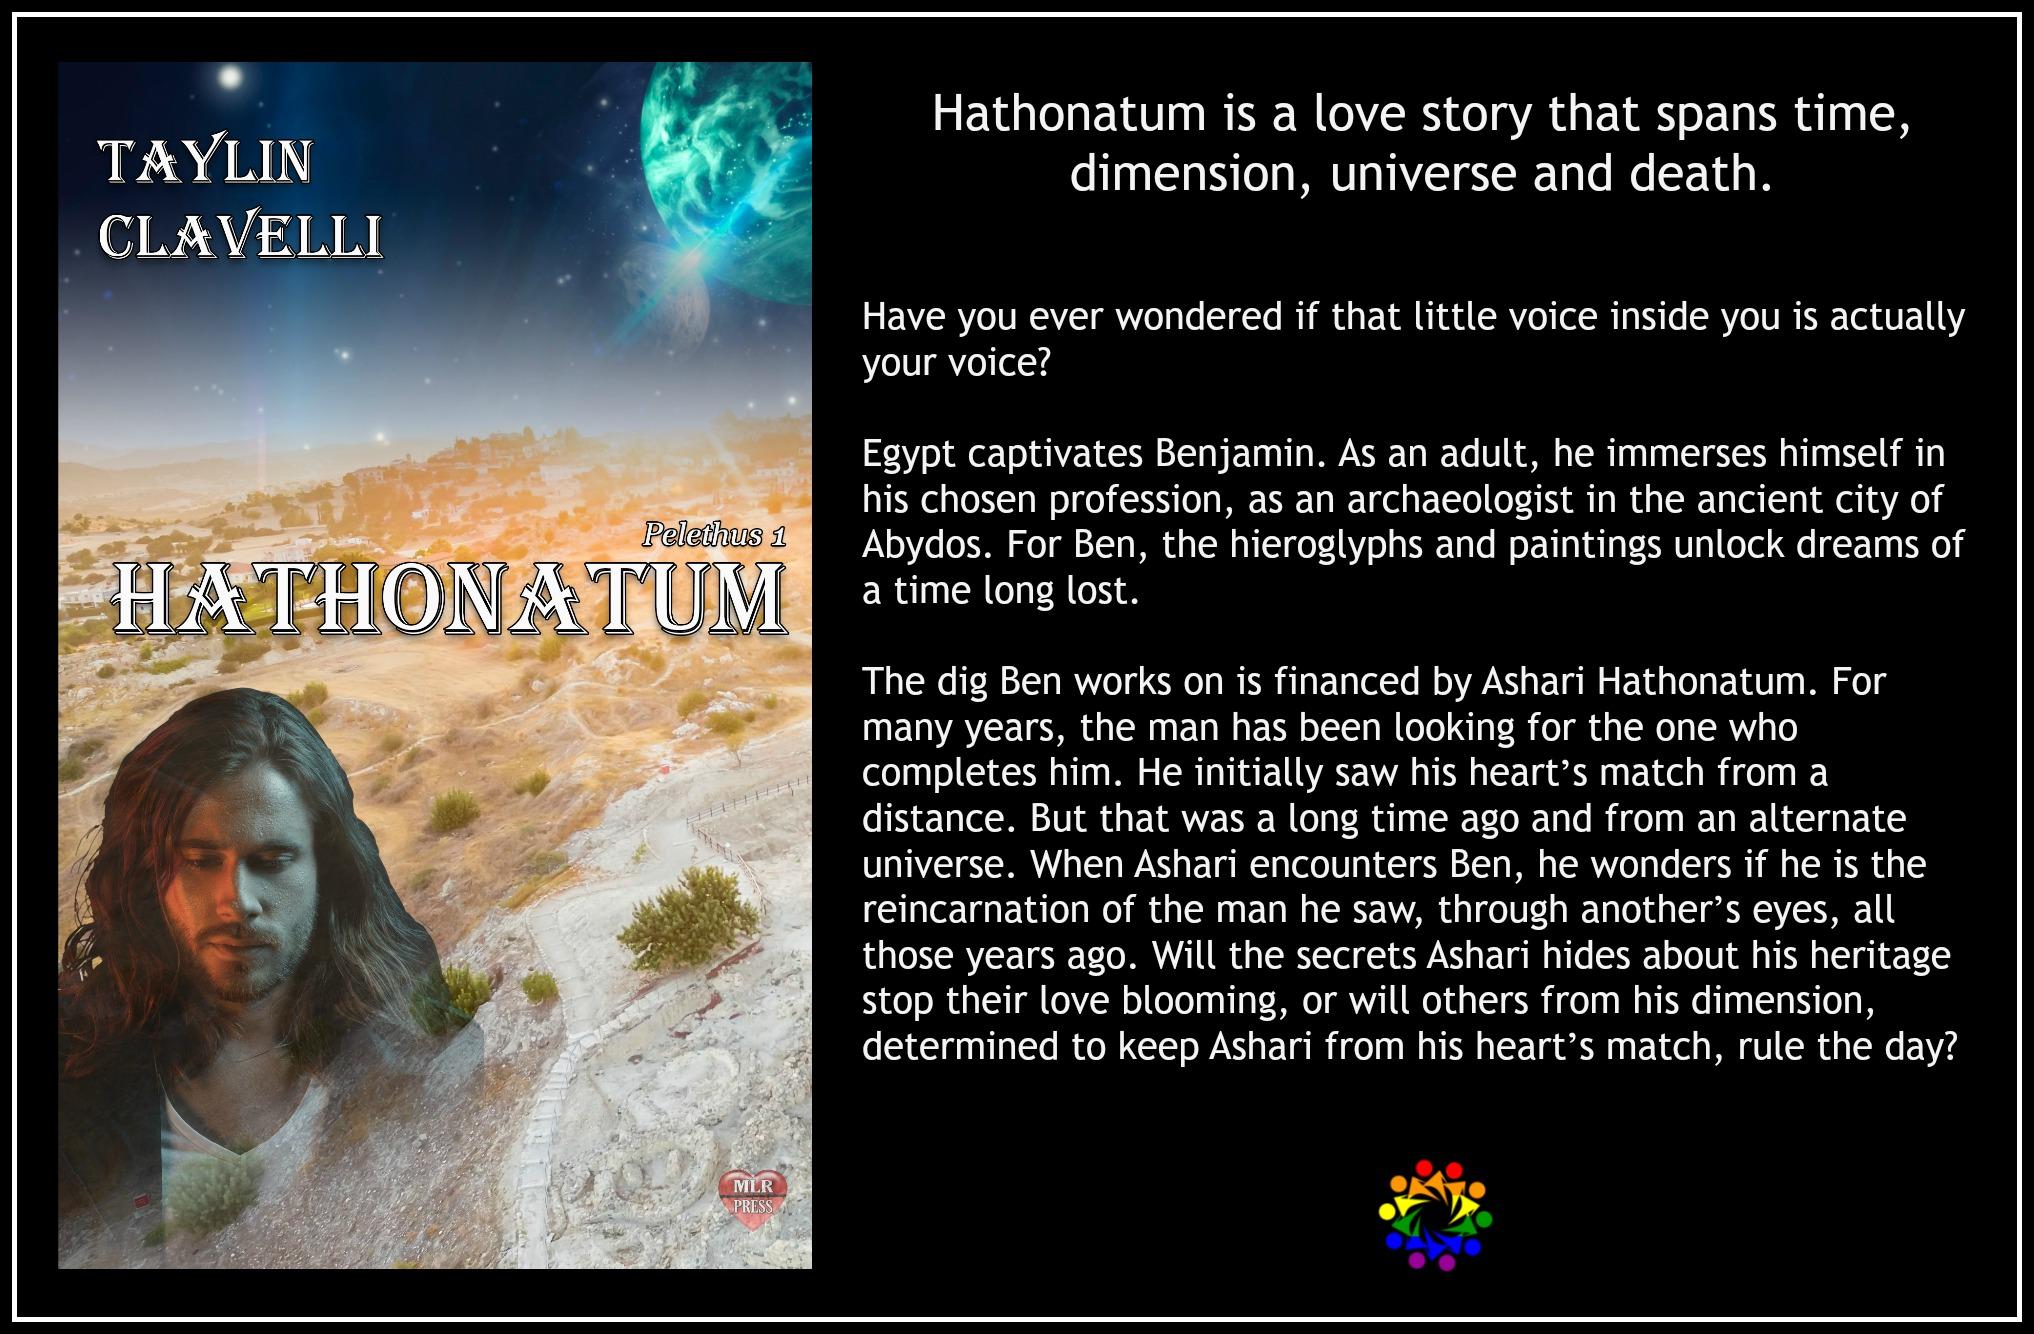 HATHONATUM BLURB